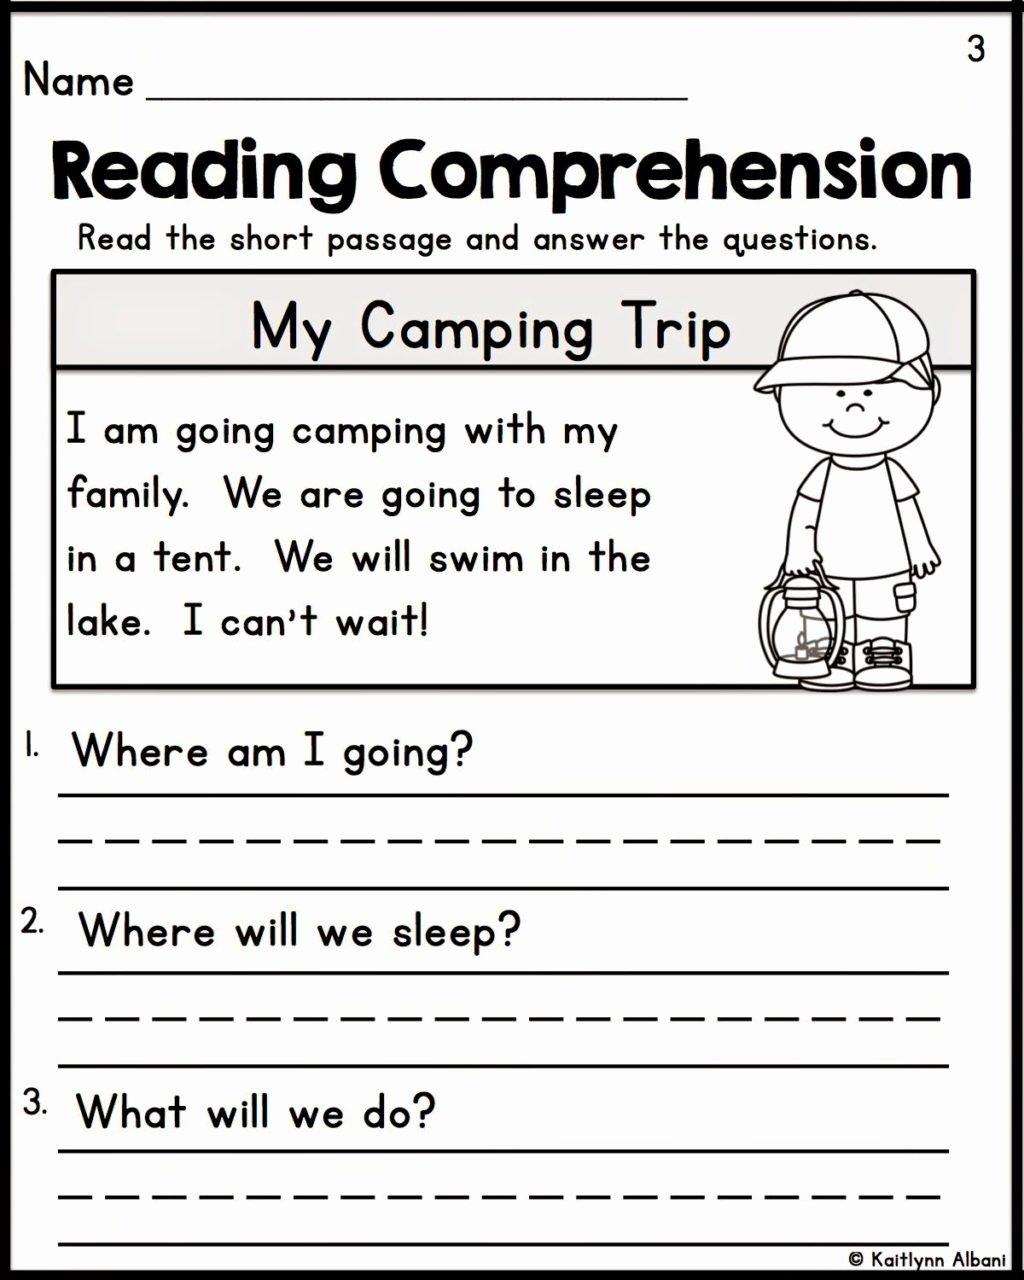 Reading Comprehension Worksheets for Kindergarten Fresh Worksheet Reading Prehension Worksheets 1st Grade